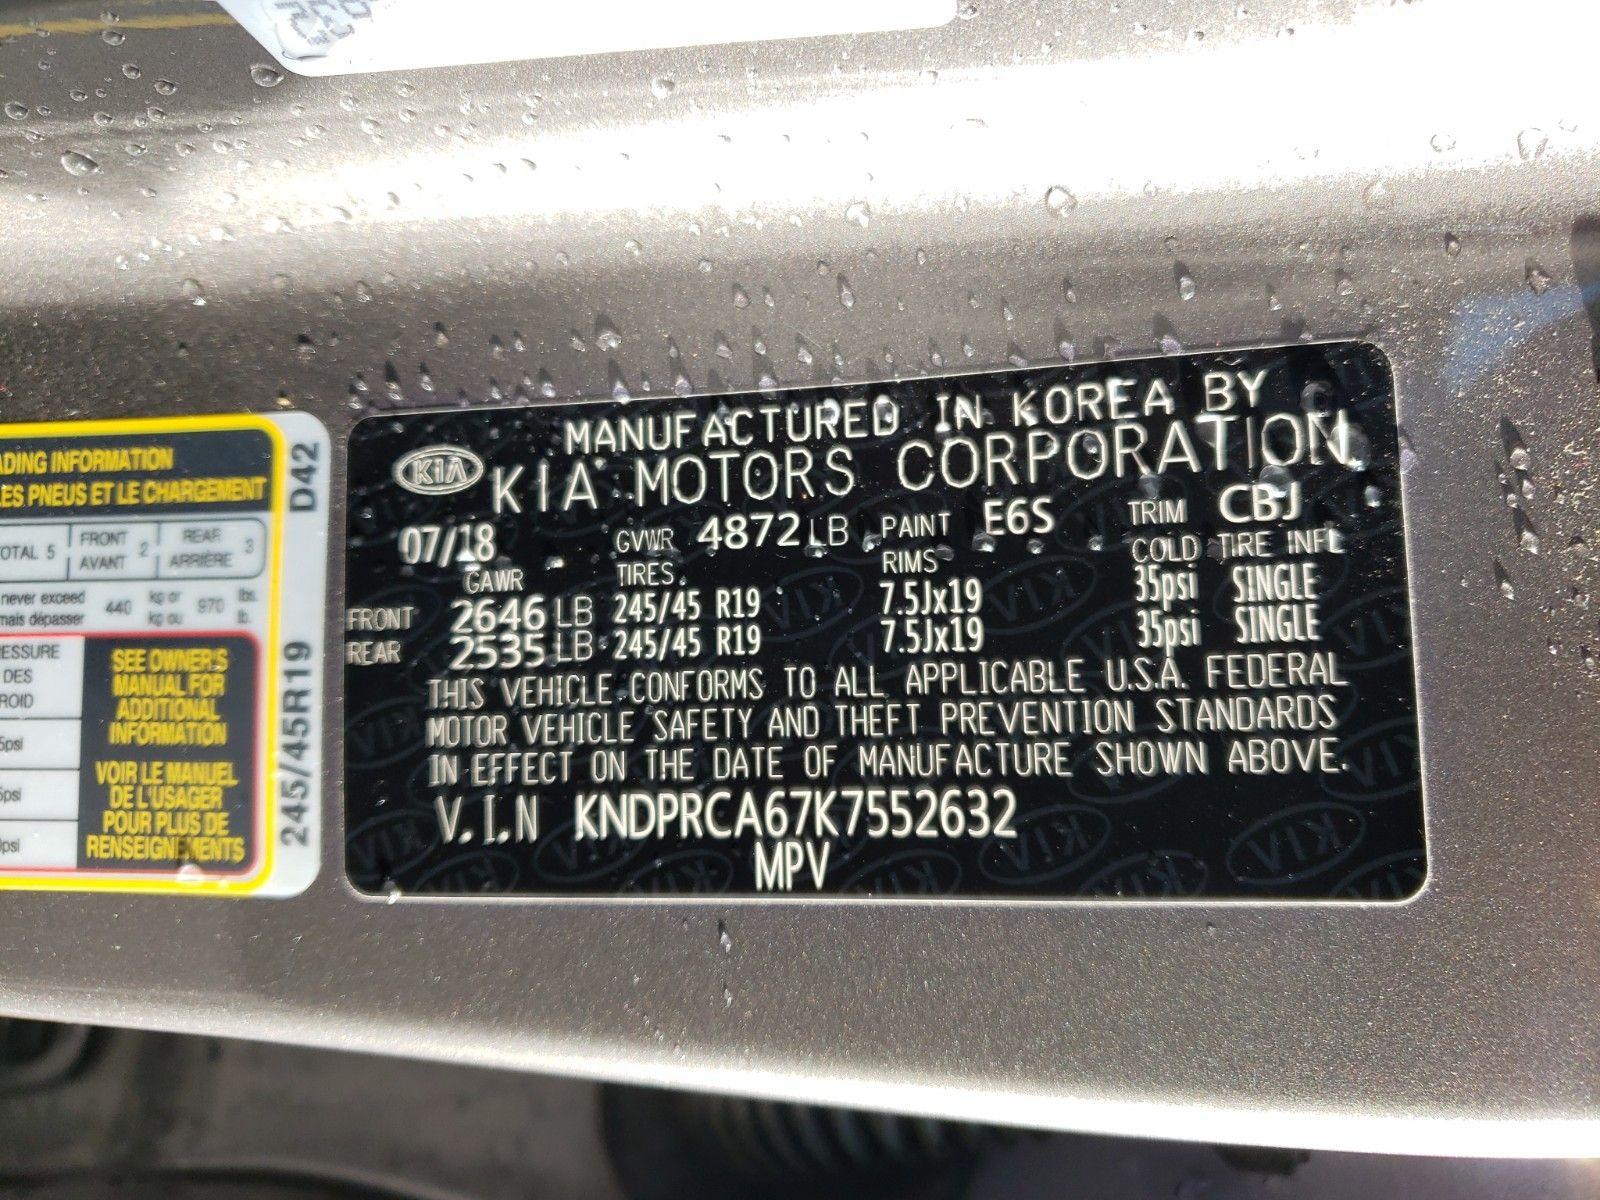 2019 KIA SPORTAGE AWD 4C SX TURBO - 15